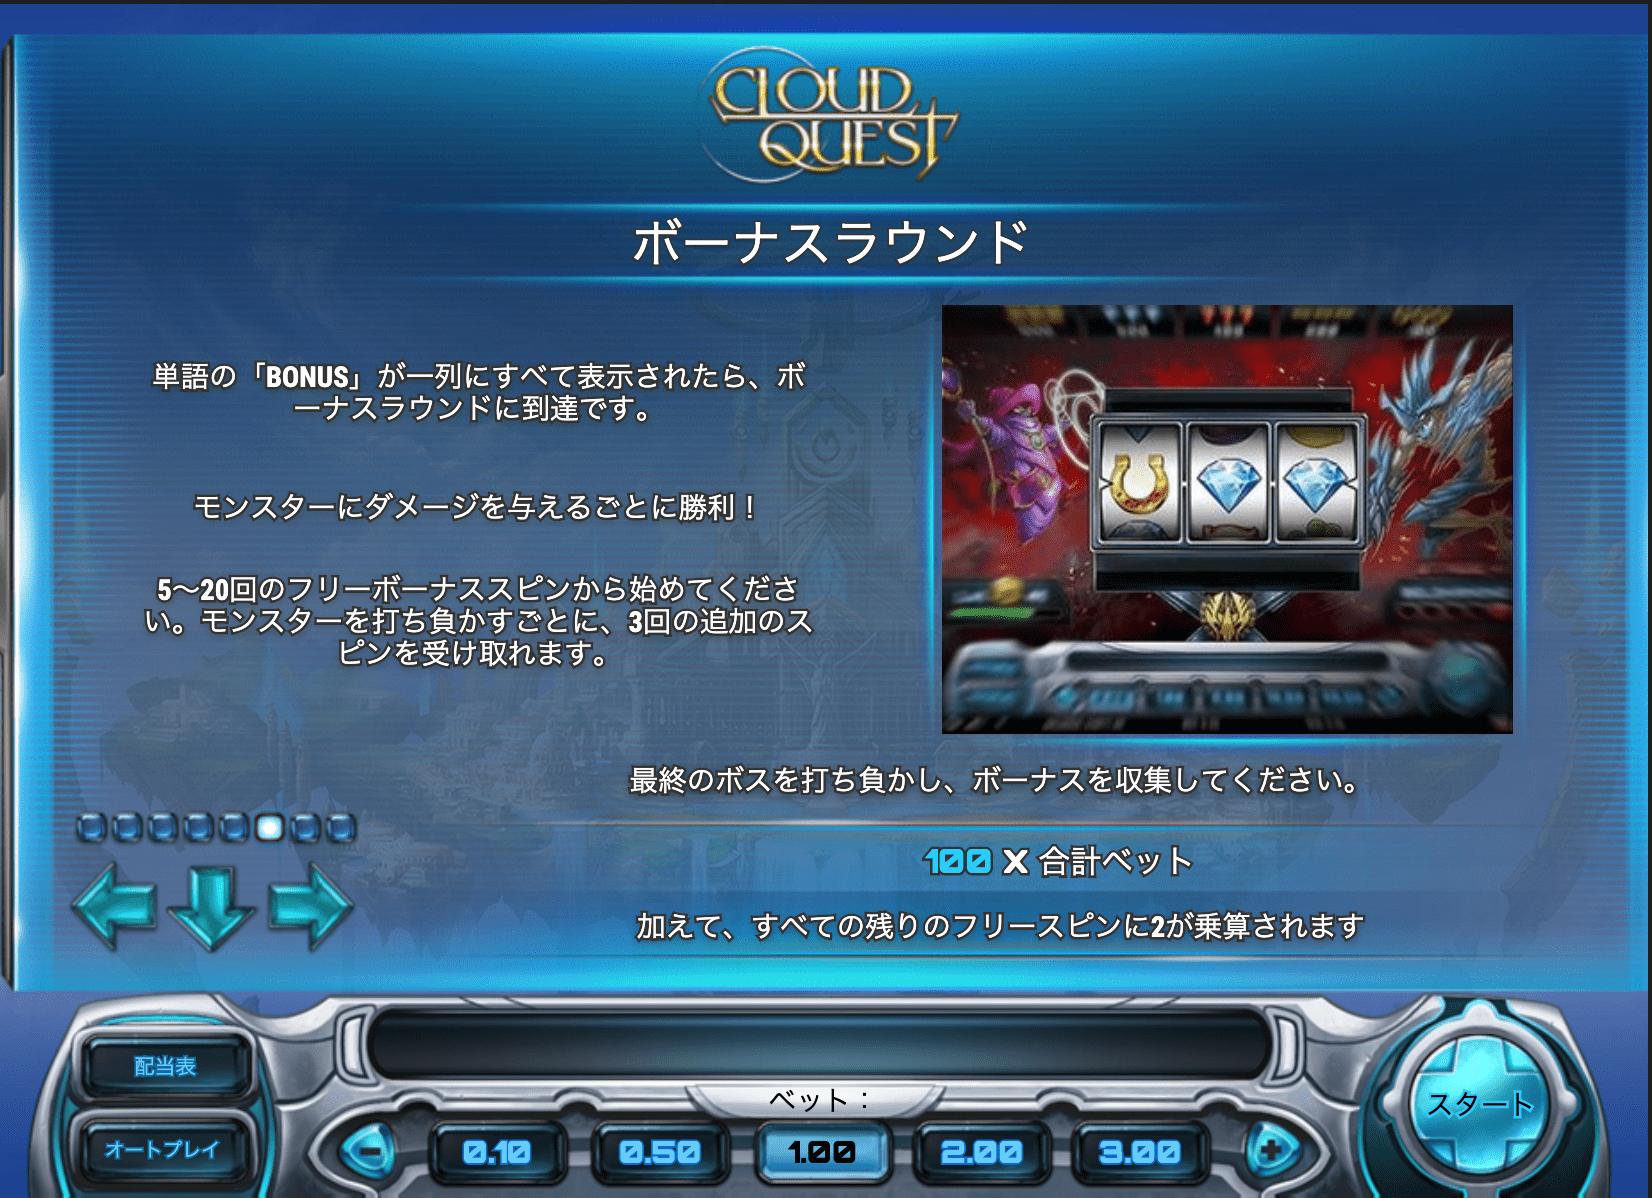 Cloud Quest-クラウドクエストスクリーンショット